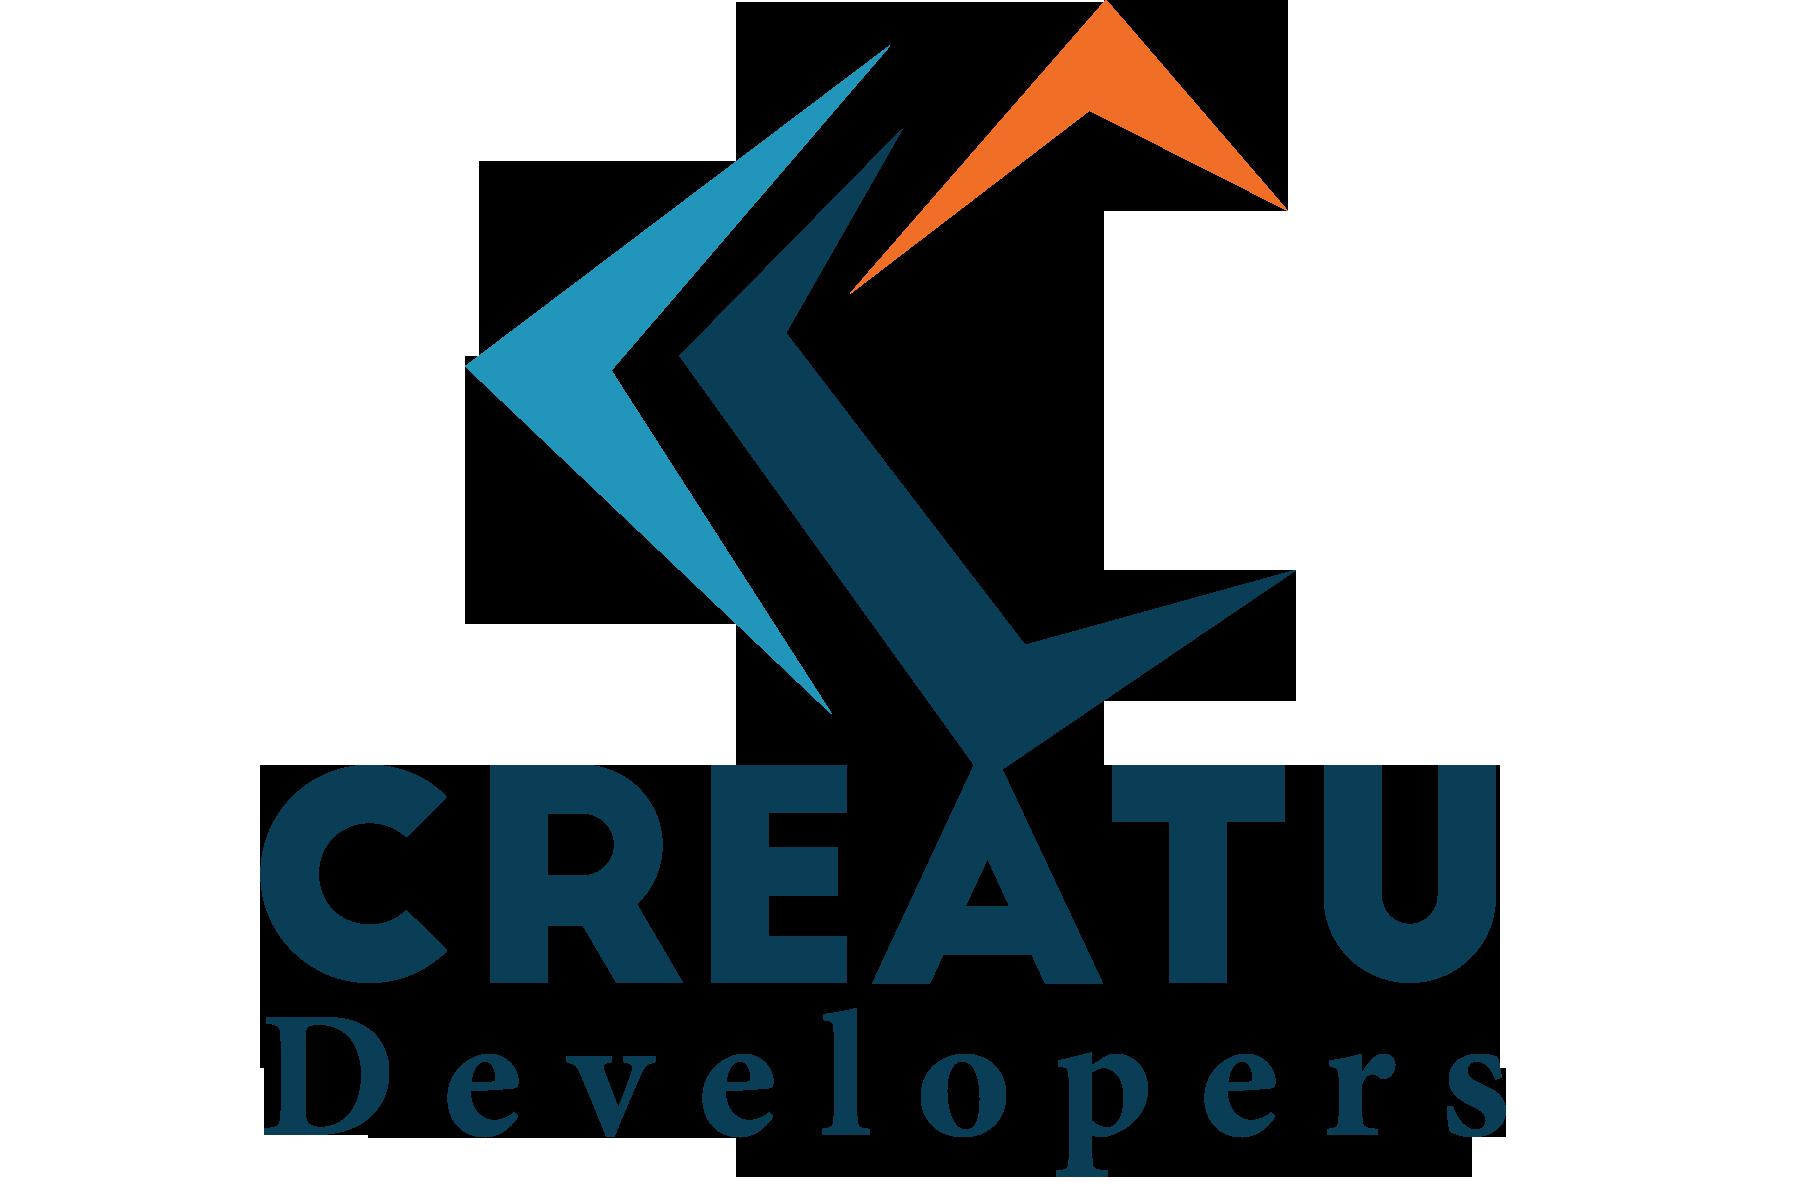 Creatu Developers